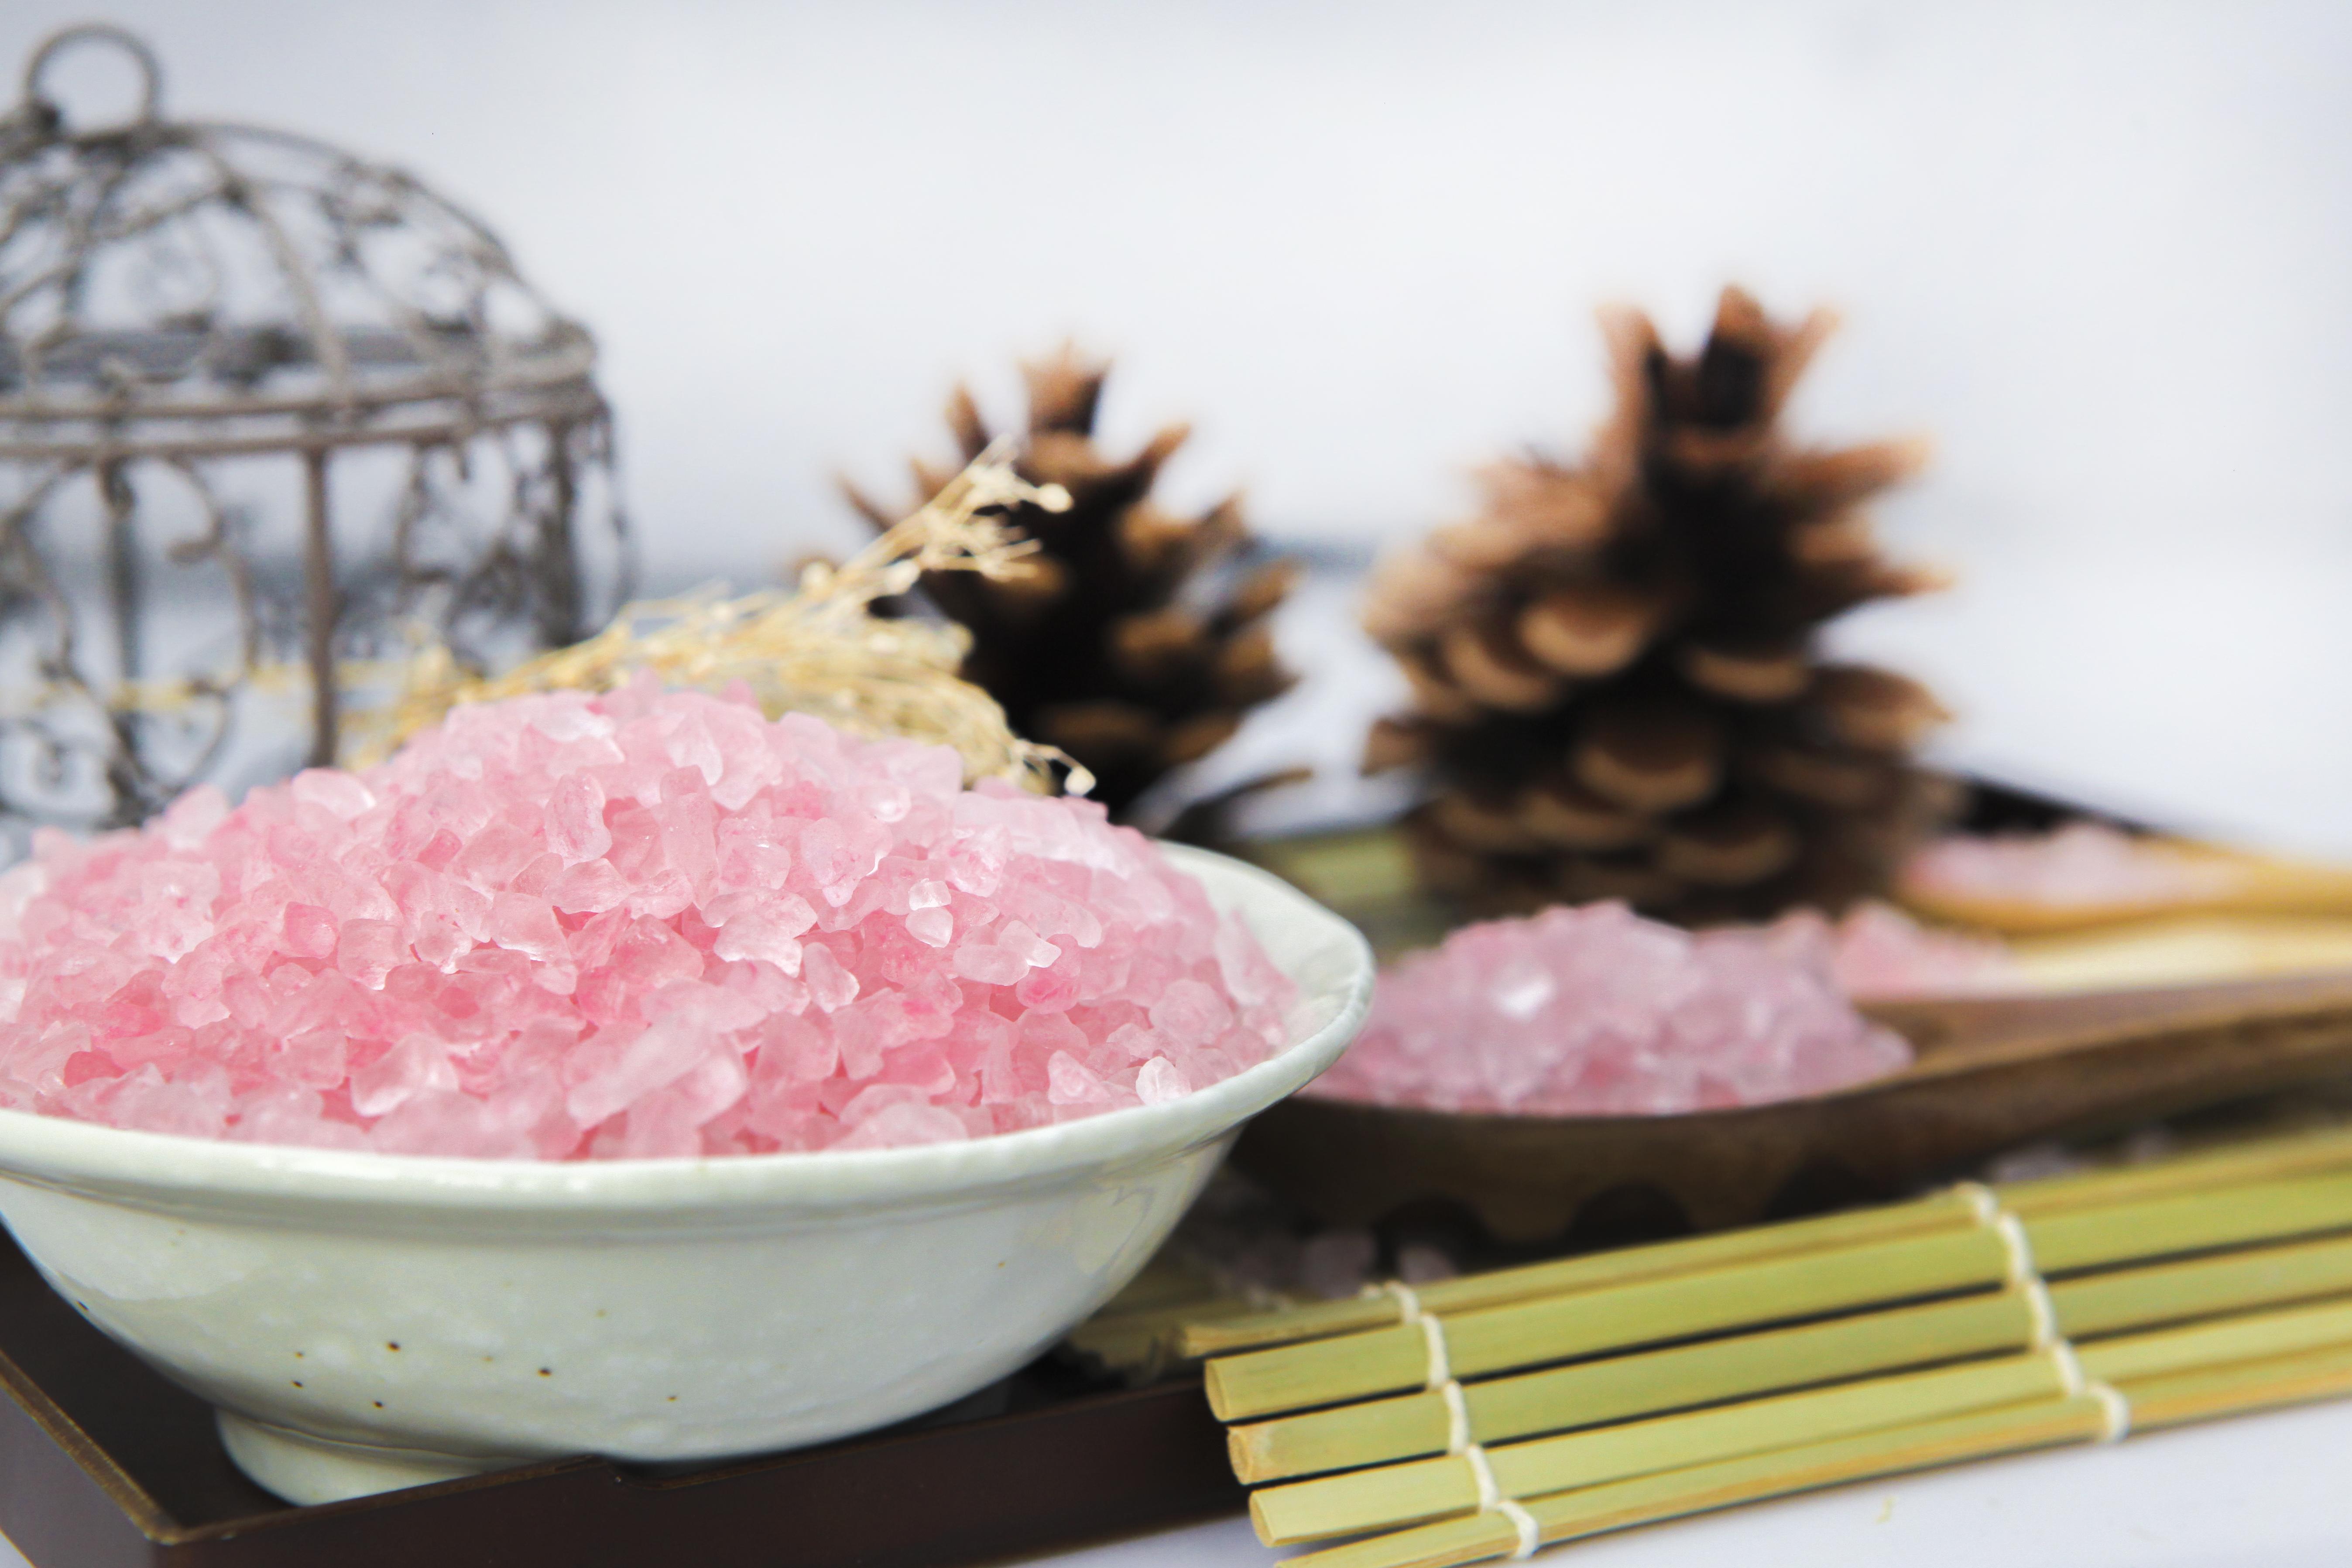 Thùng Muối Tắm Hoa Hồng 6 Lọ - 1 lọ/1kg